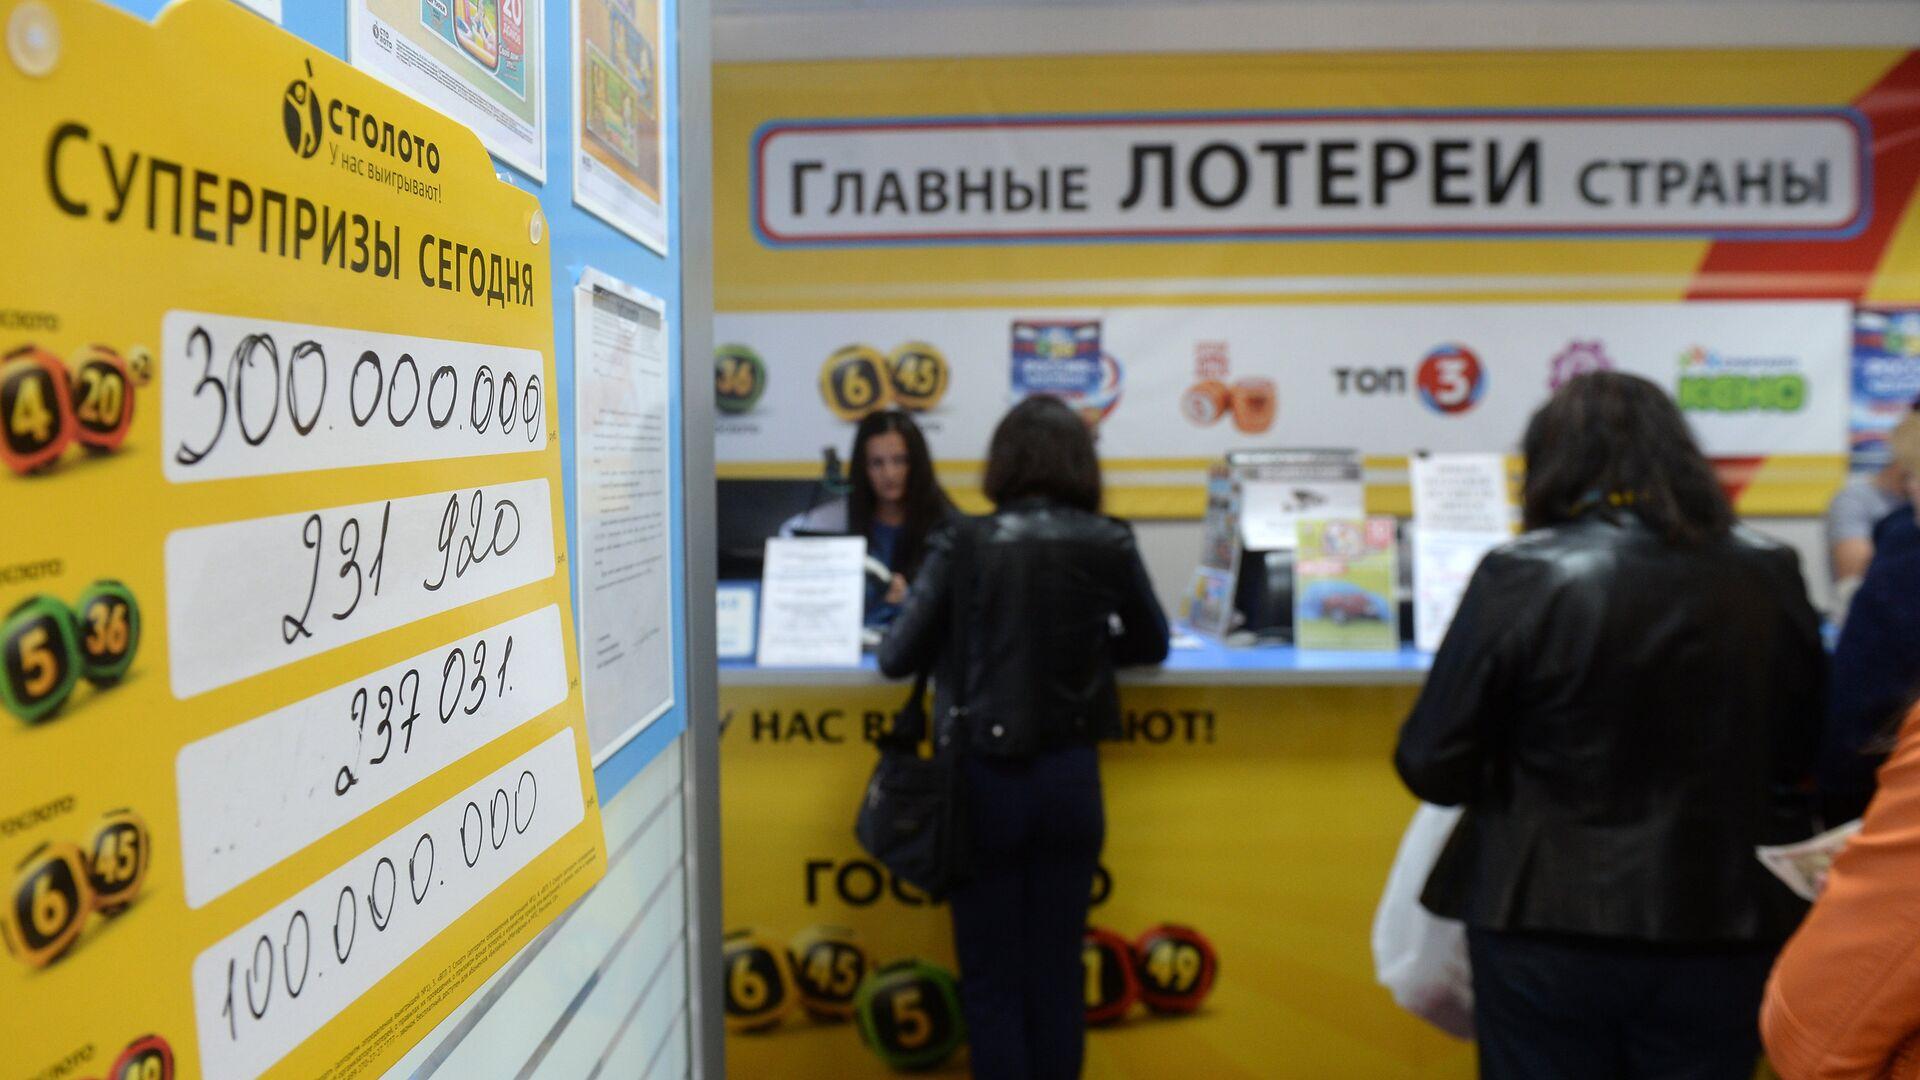 Продажа лотерейных билетов в Казани - РИА Новости, 1920, 15.02.2021